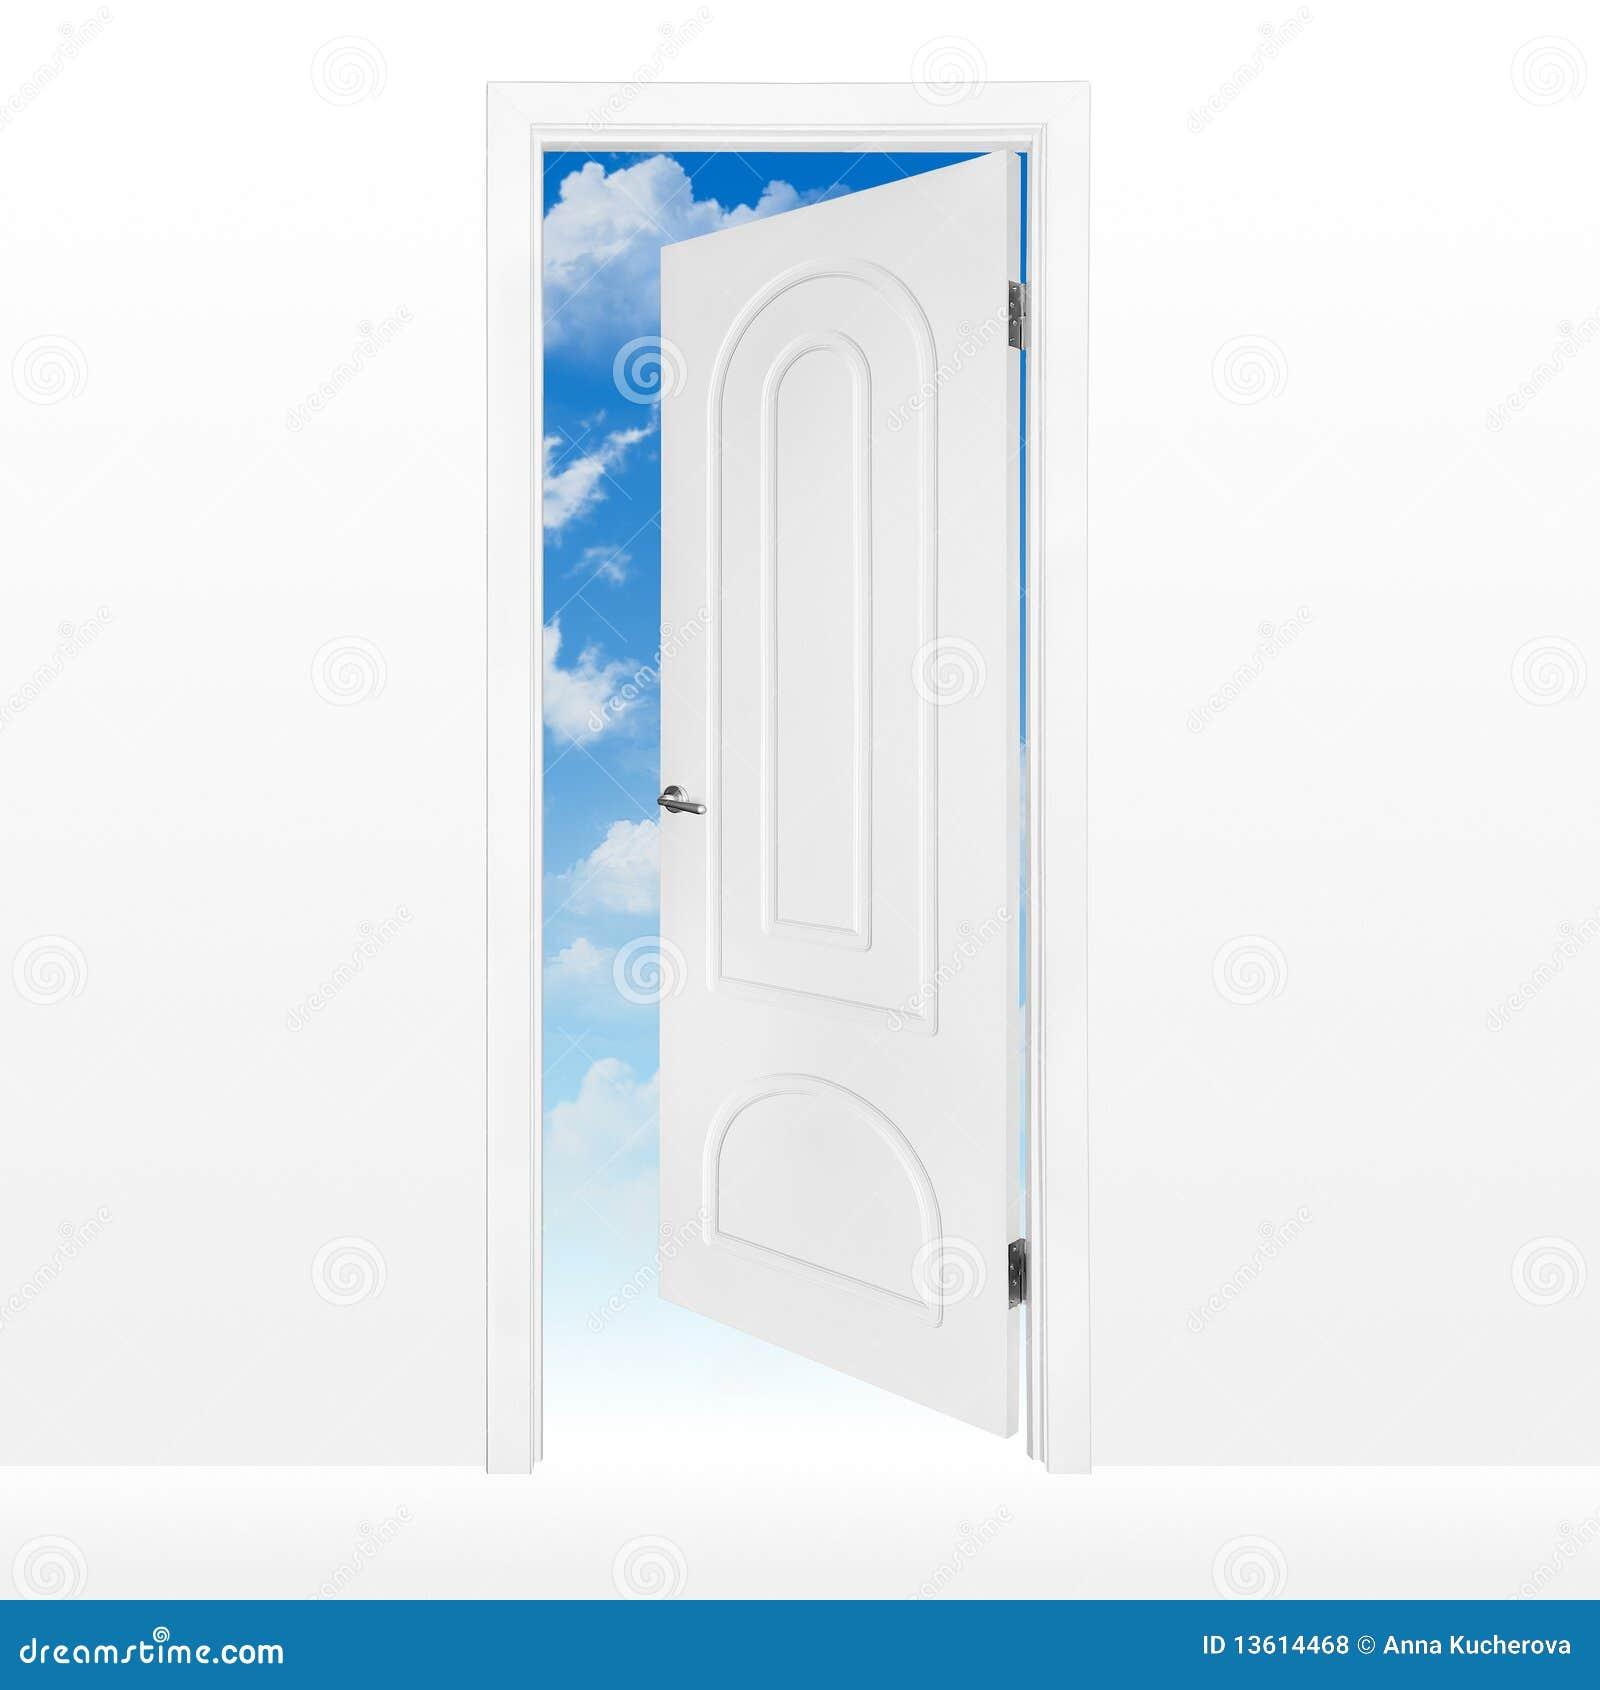 Geöffnete tür  Geöffnete Tür Zum Blauen Himmel Lizenzfreie Stockfotos - Bild ...